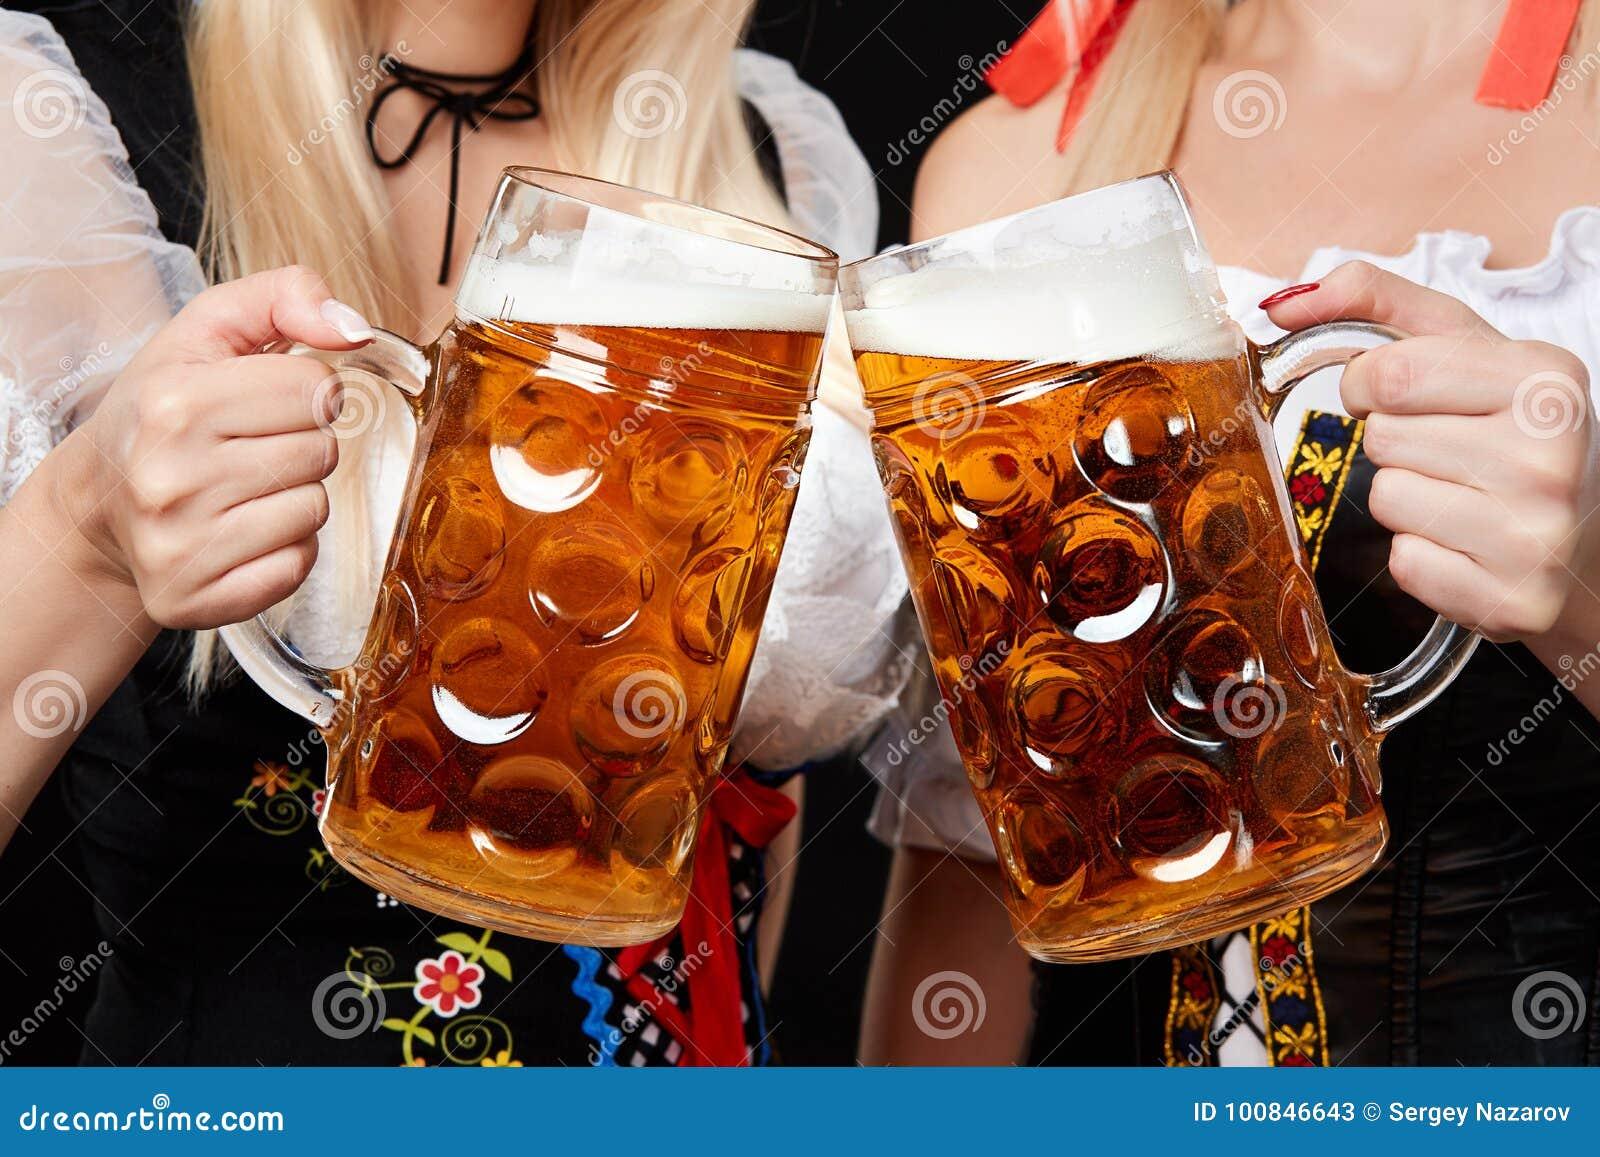 Junge und schöne bayerische Mädchen mit zwei Bierkrügen auf schwarzem Hintergrund